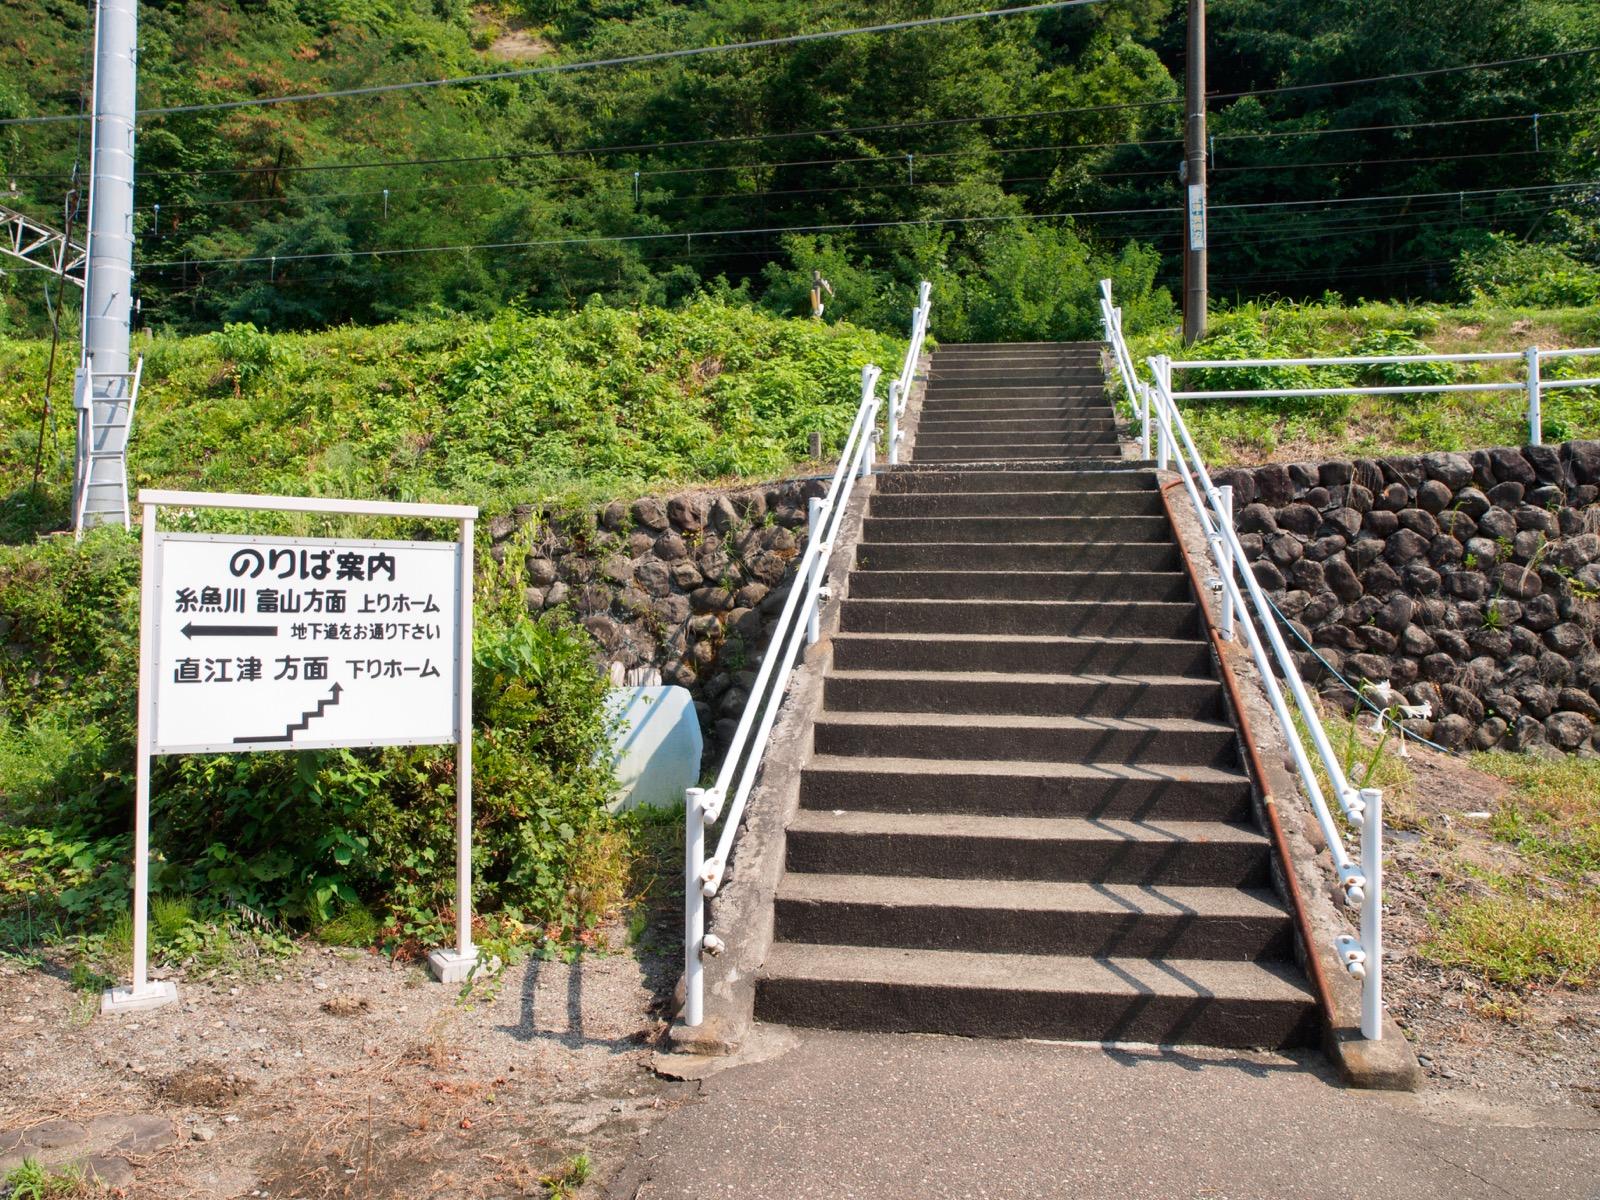 浦本駅のホームへと続く階段